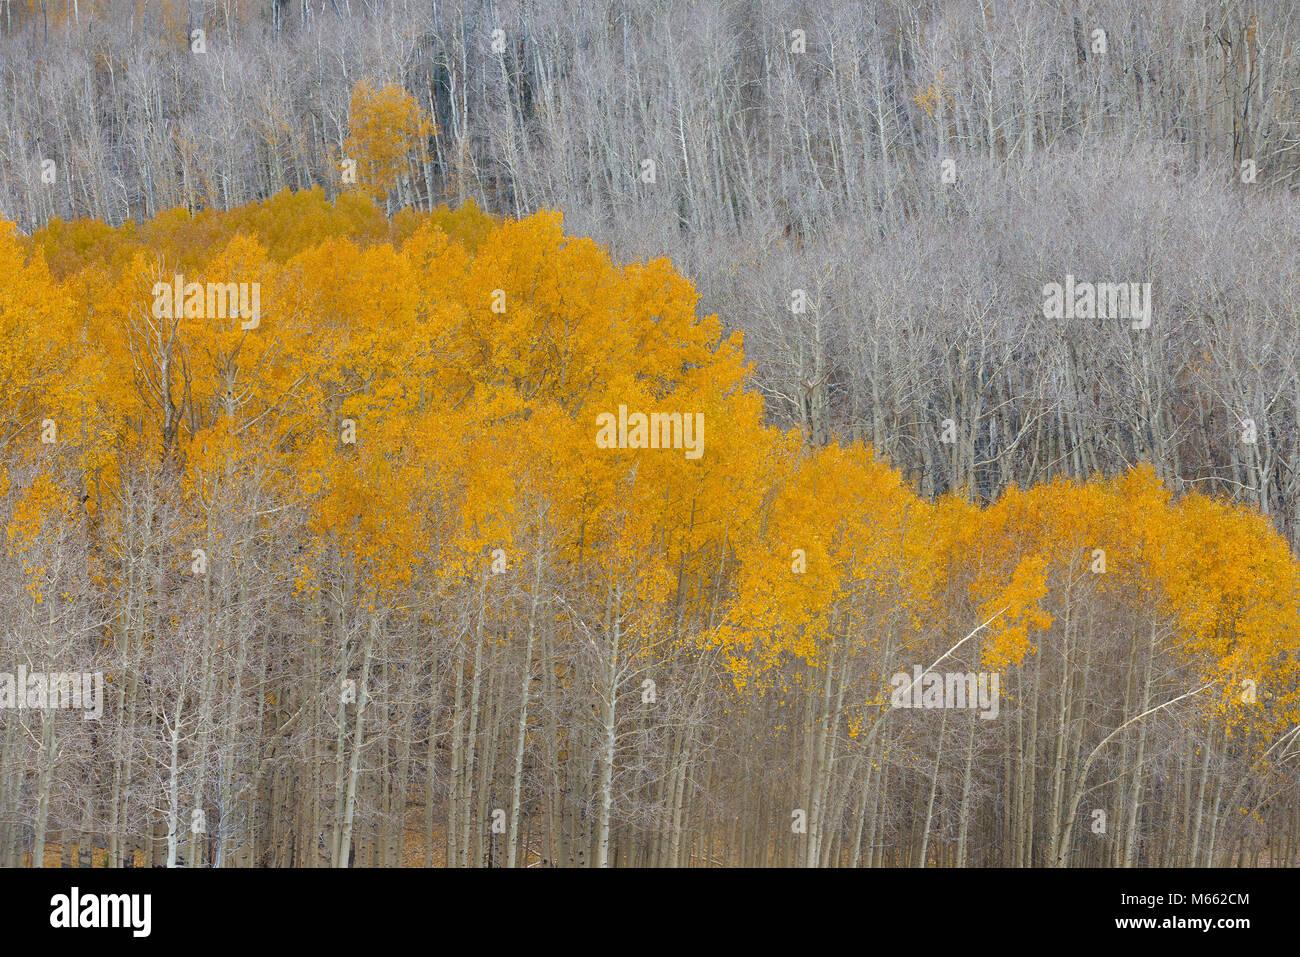 Aspen, Populus tremula, Boulder Mountain, Dixie National Forest, Utah Stockbild